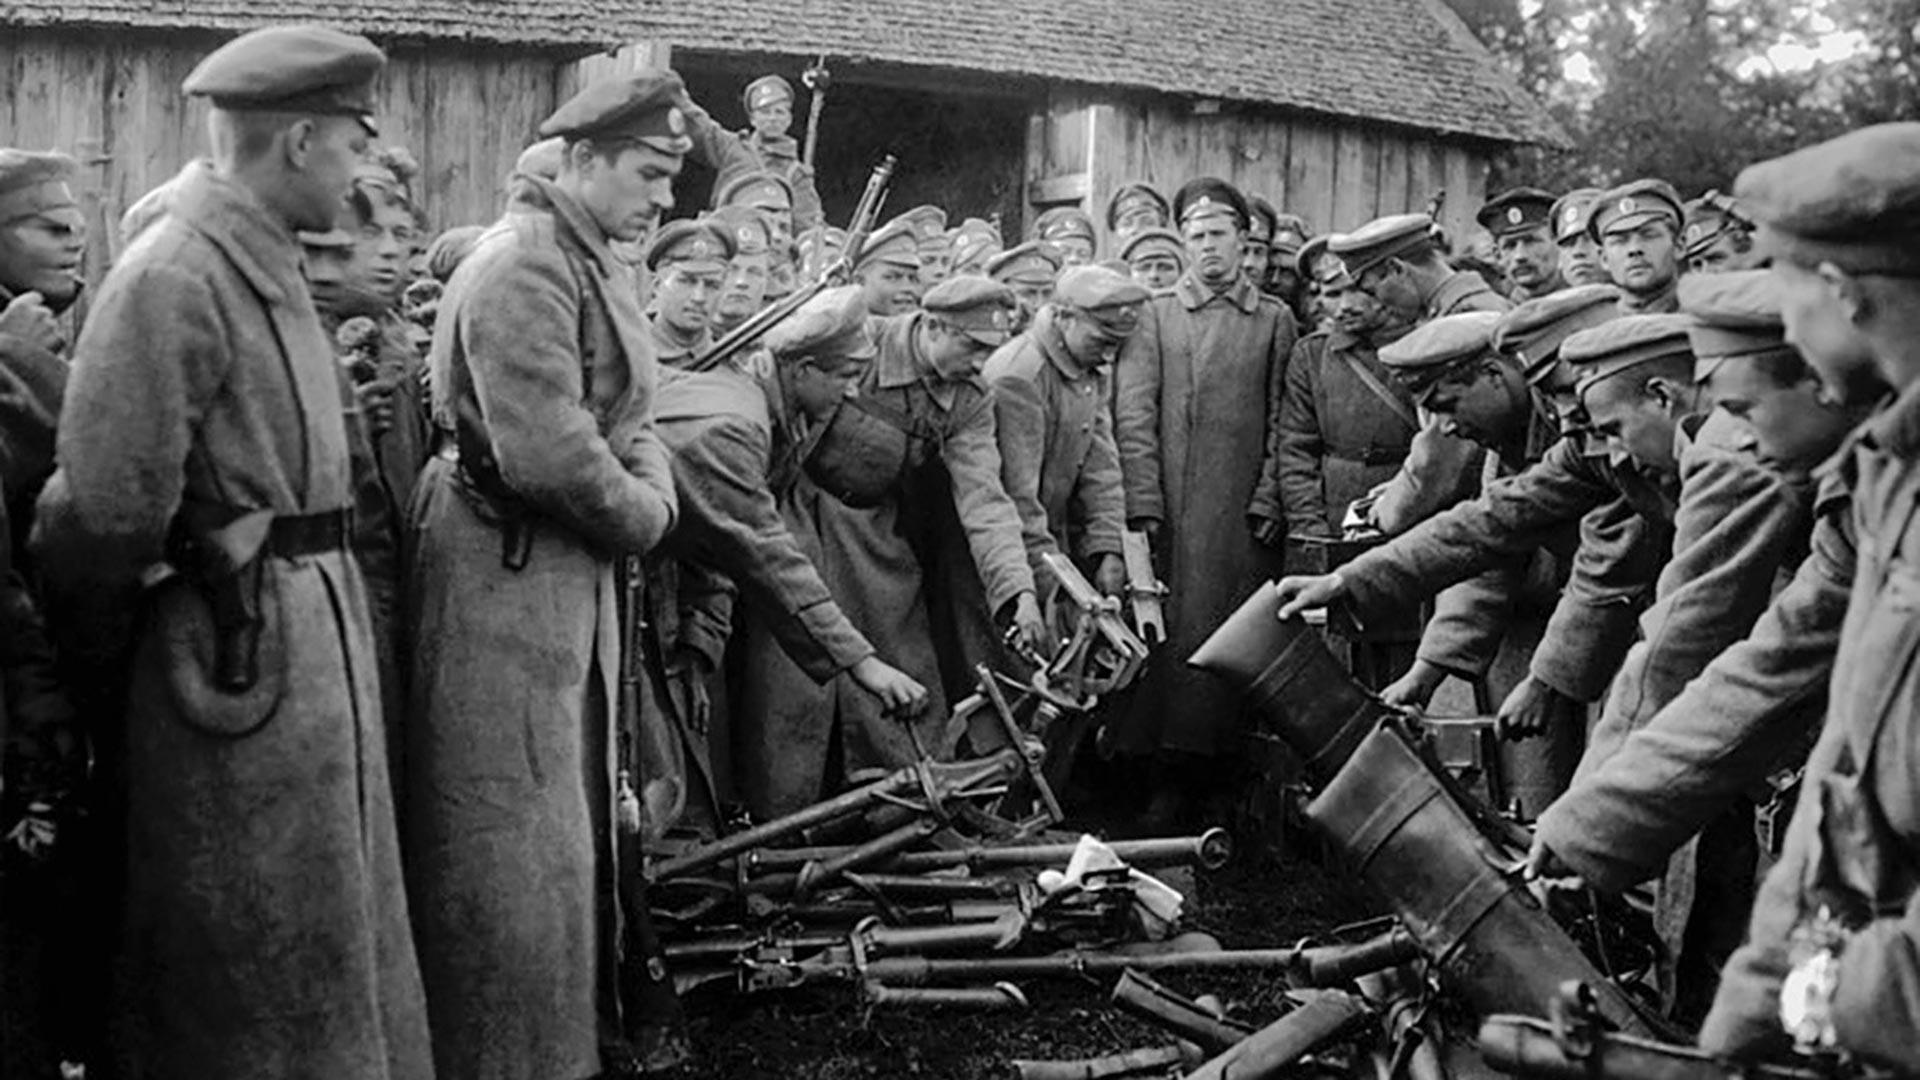 Предаване на оръжияta от войските на Бялата армия